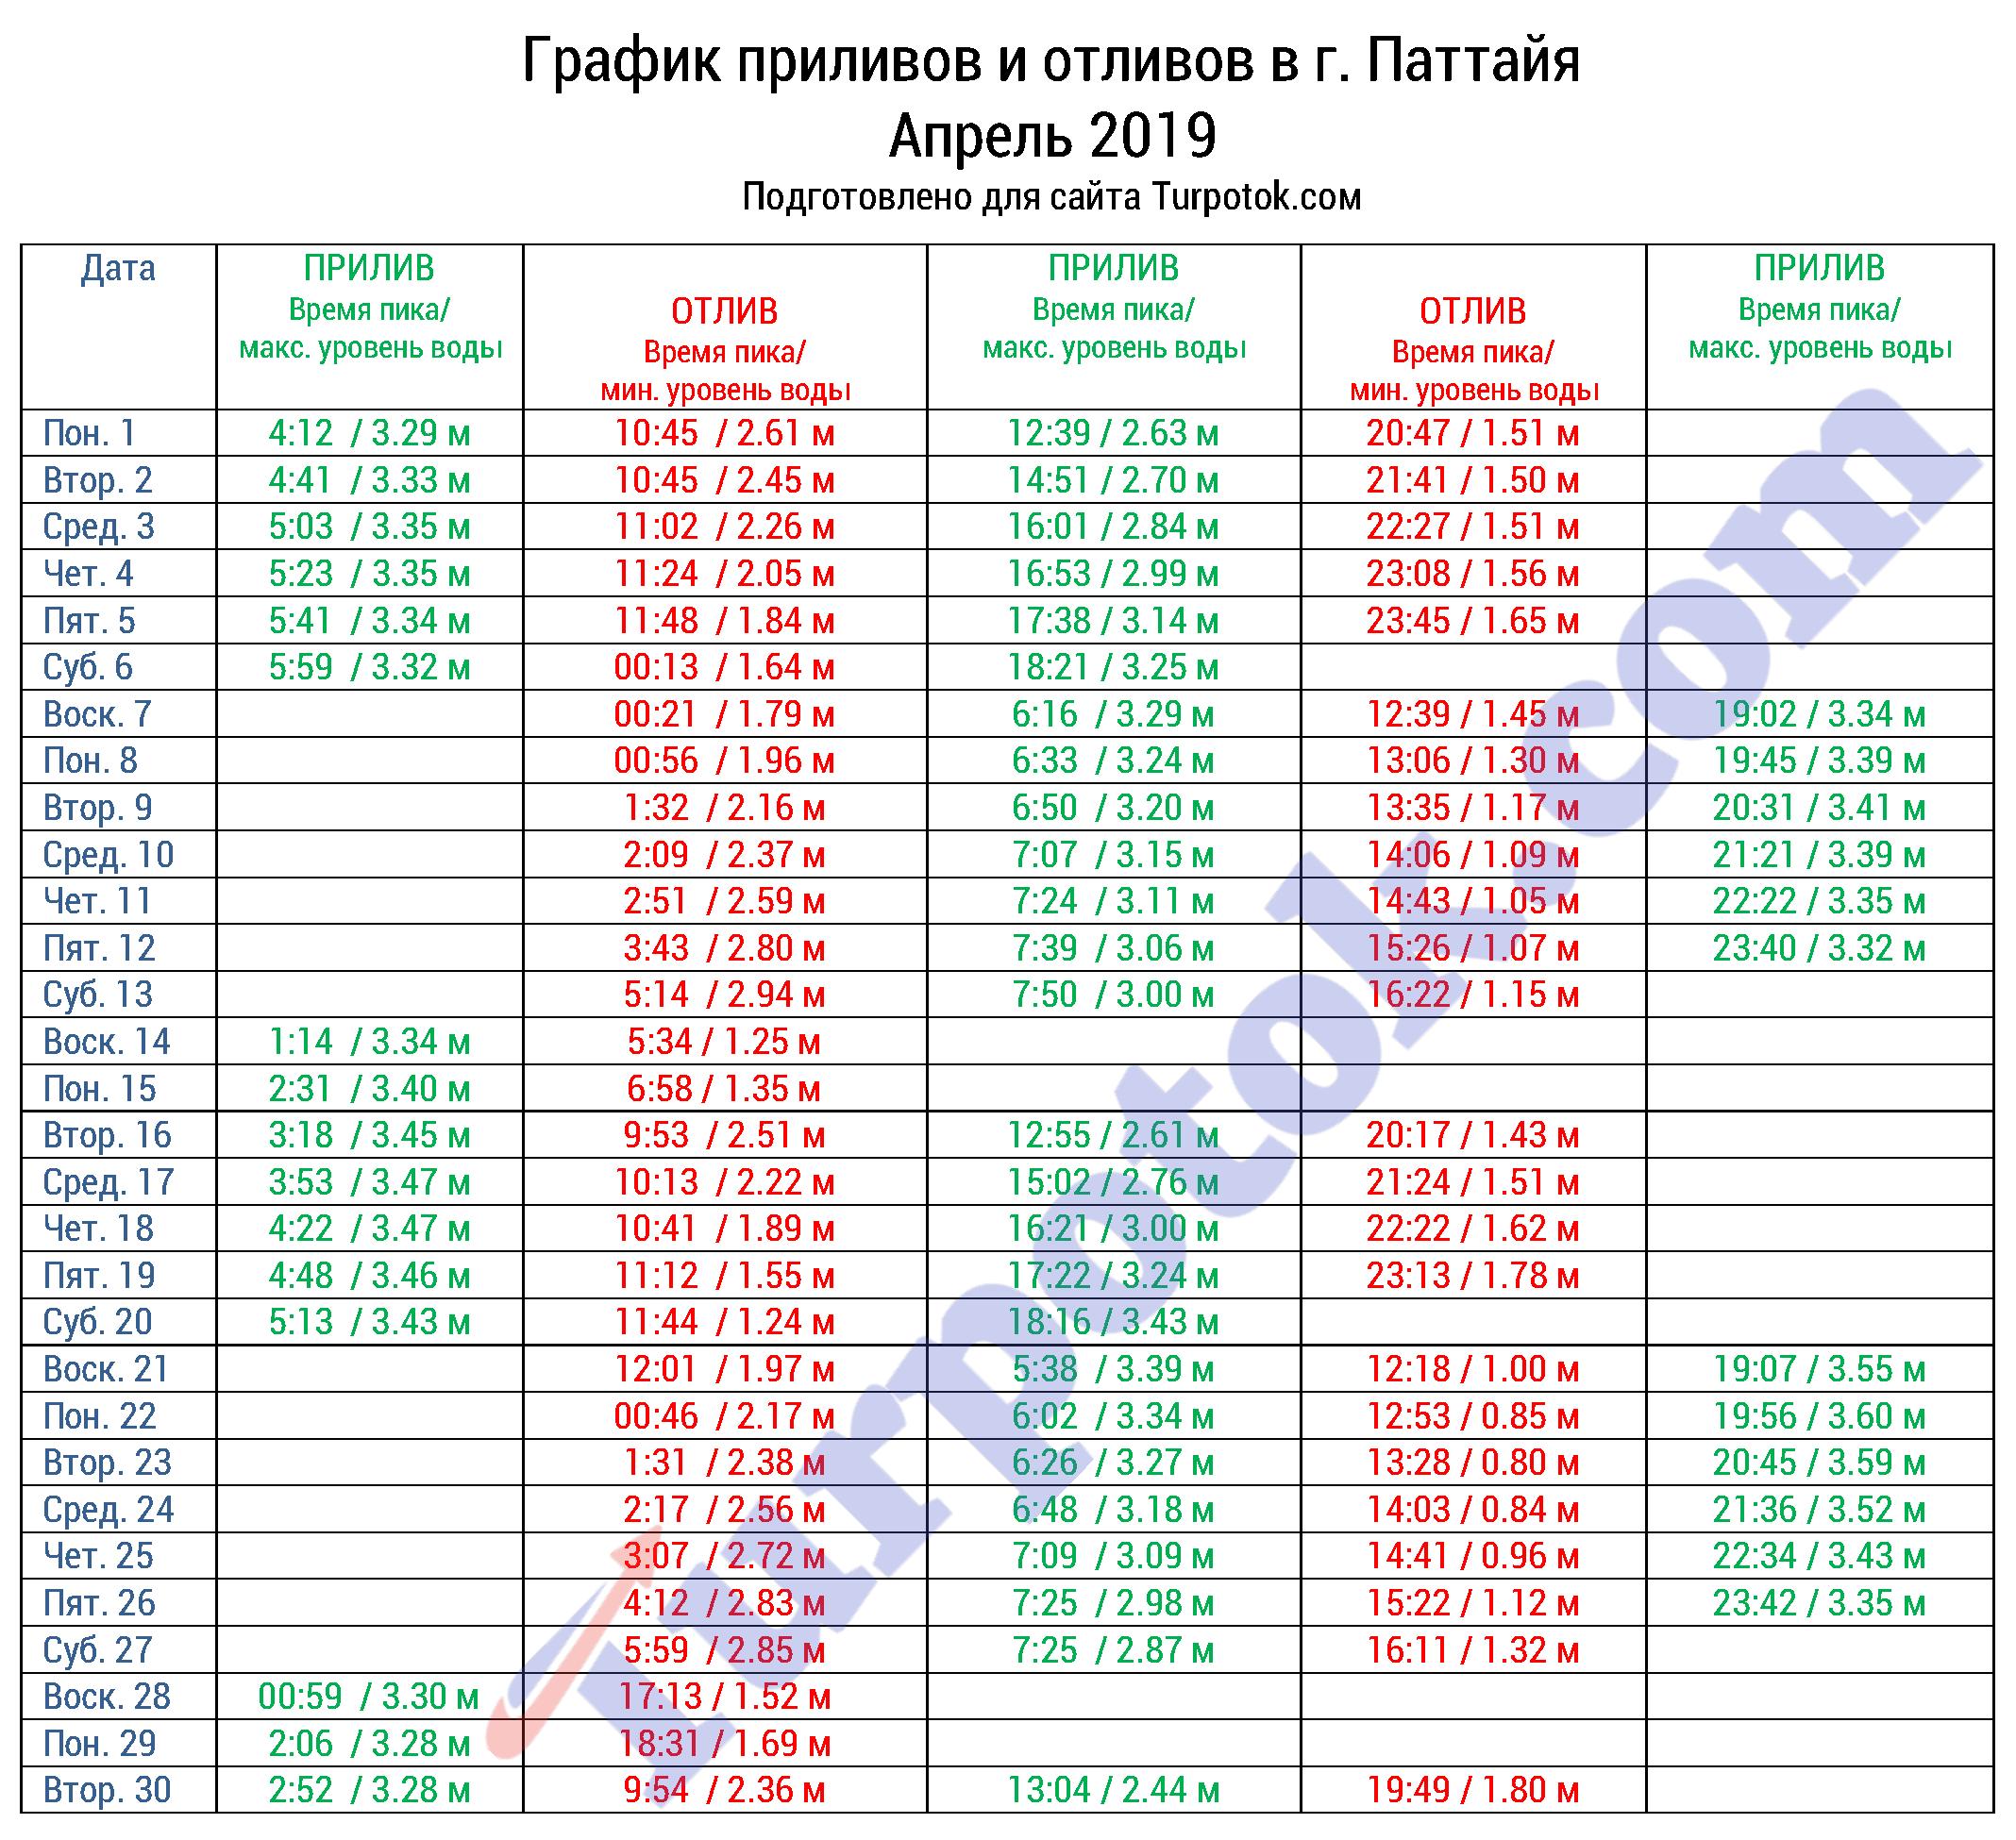 Расписание отливов на апрель